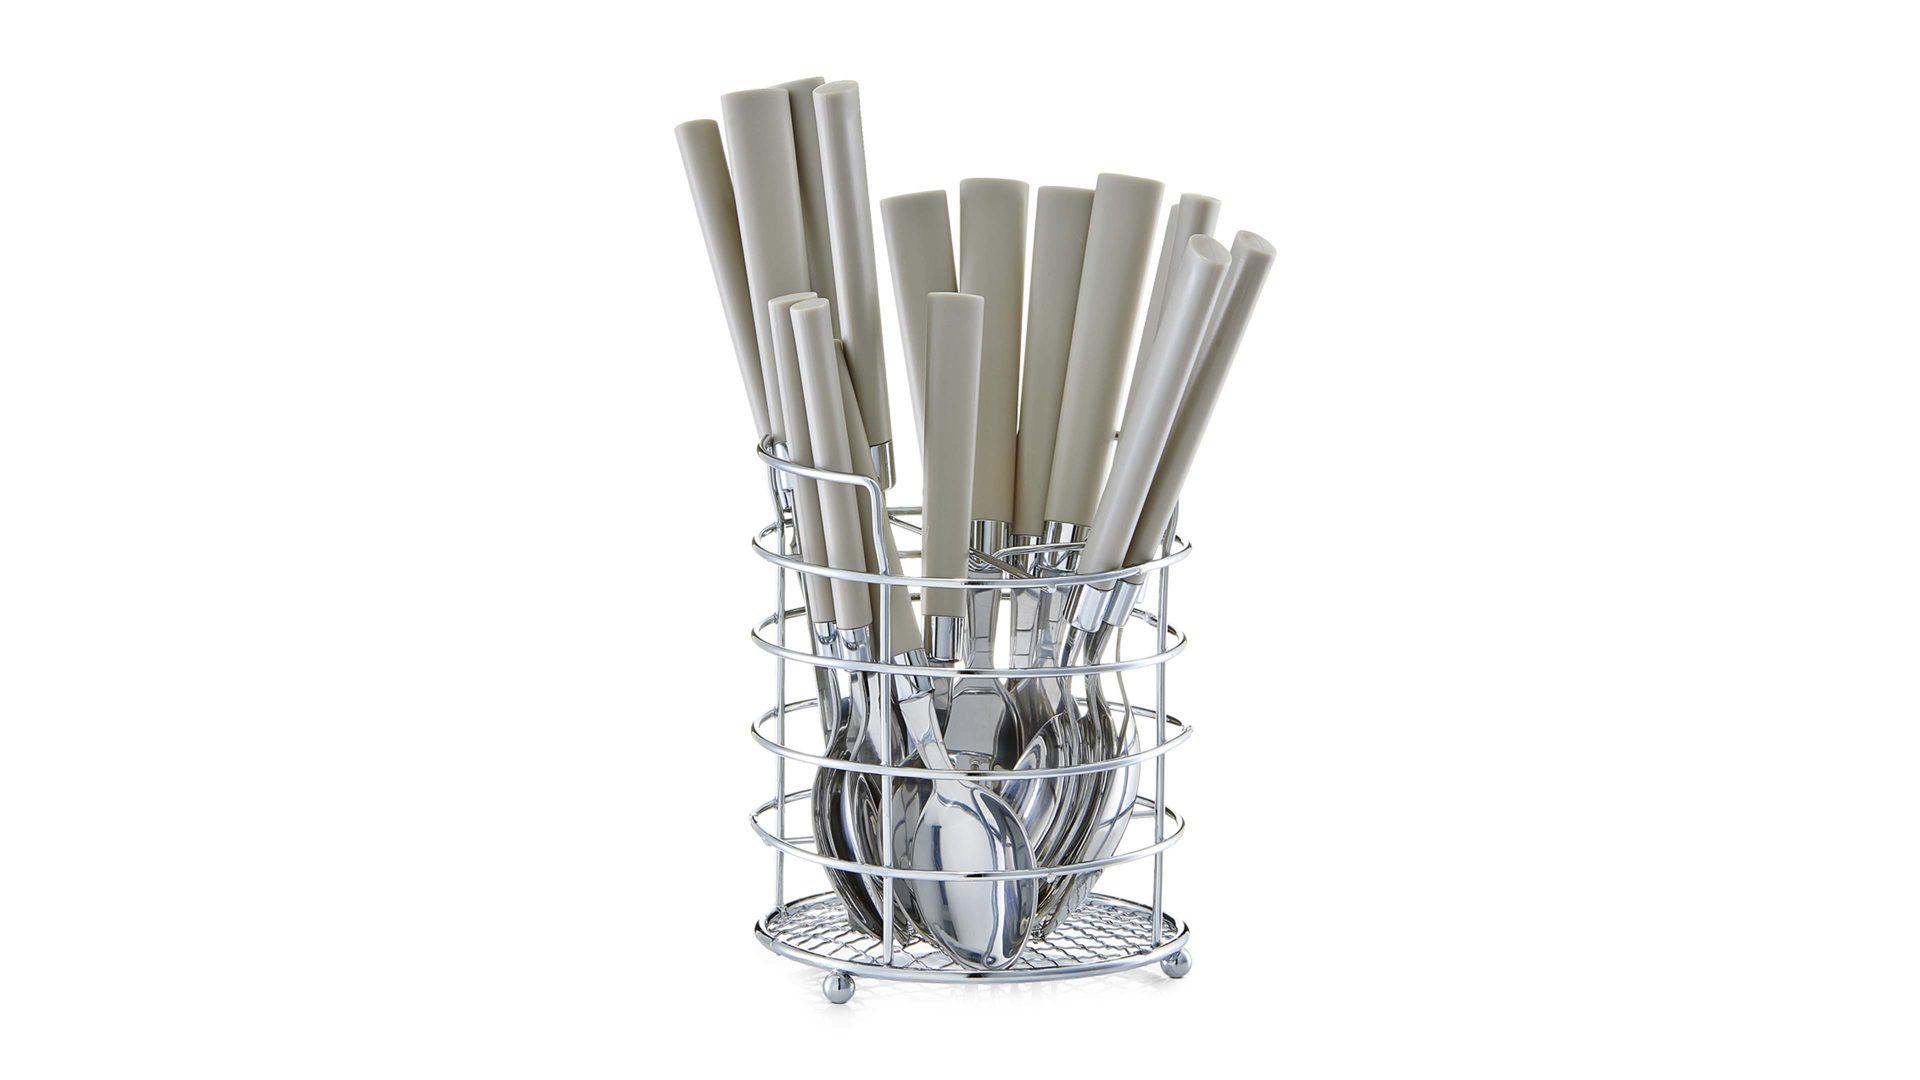 Möbel Hölzle Villingen Schwenningen | Möbel A Z | Küchen | Küchenhelfer |  Besteck Set | Besteck Set, Taupefarbene Kunststoffgriffe   17 Teilig, ...